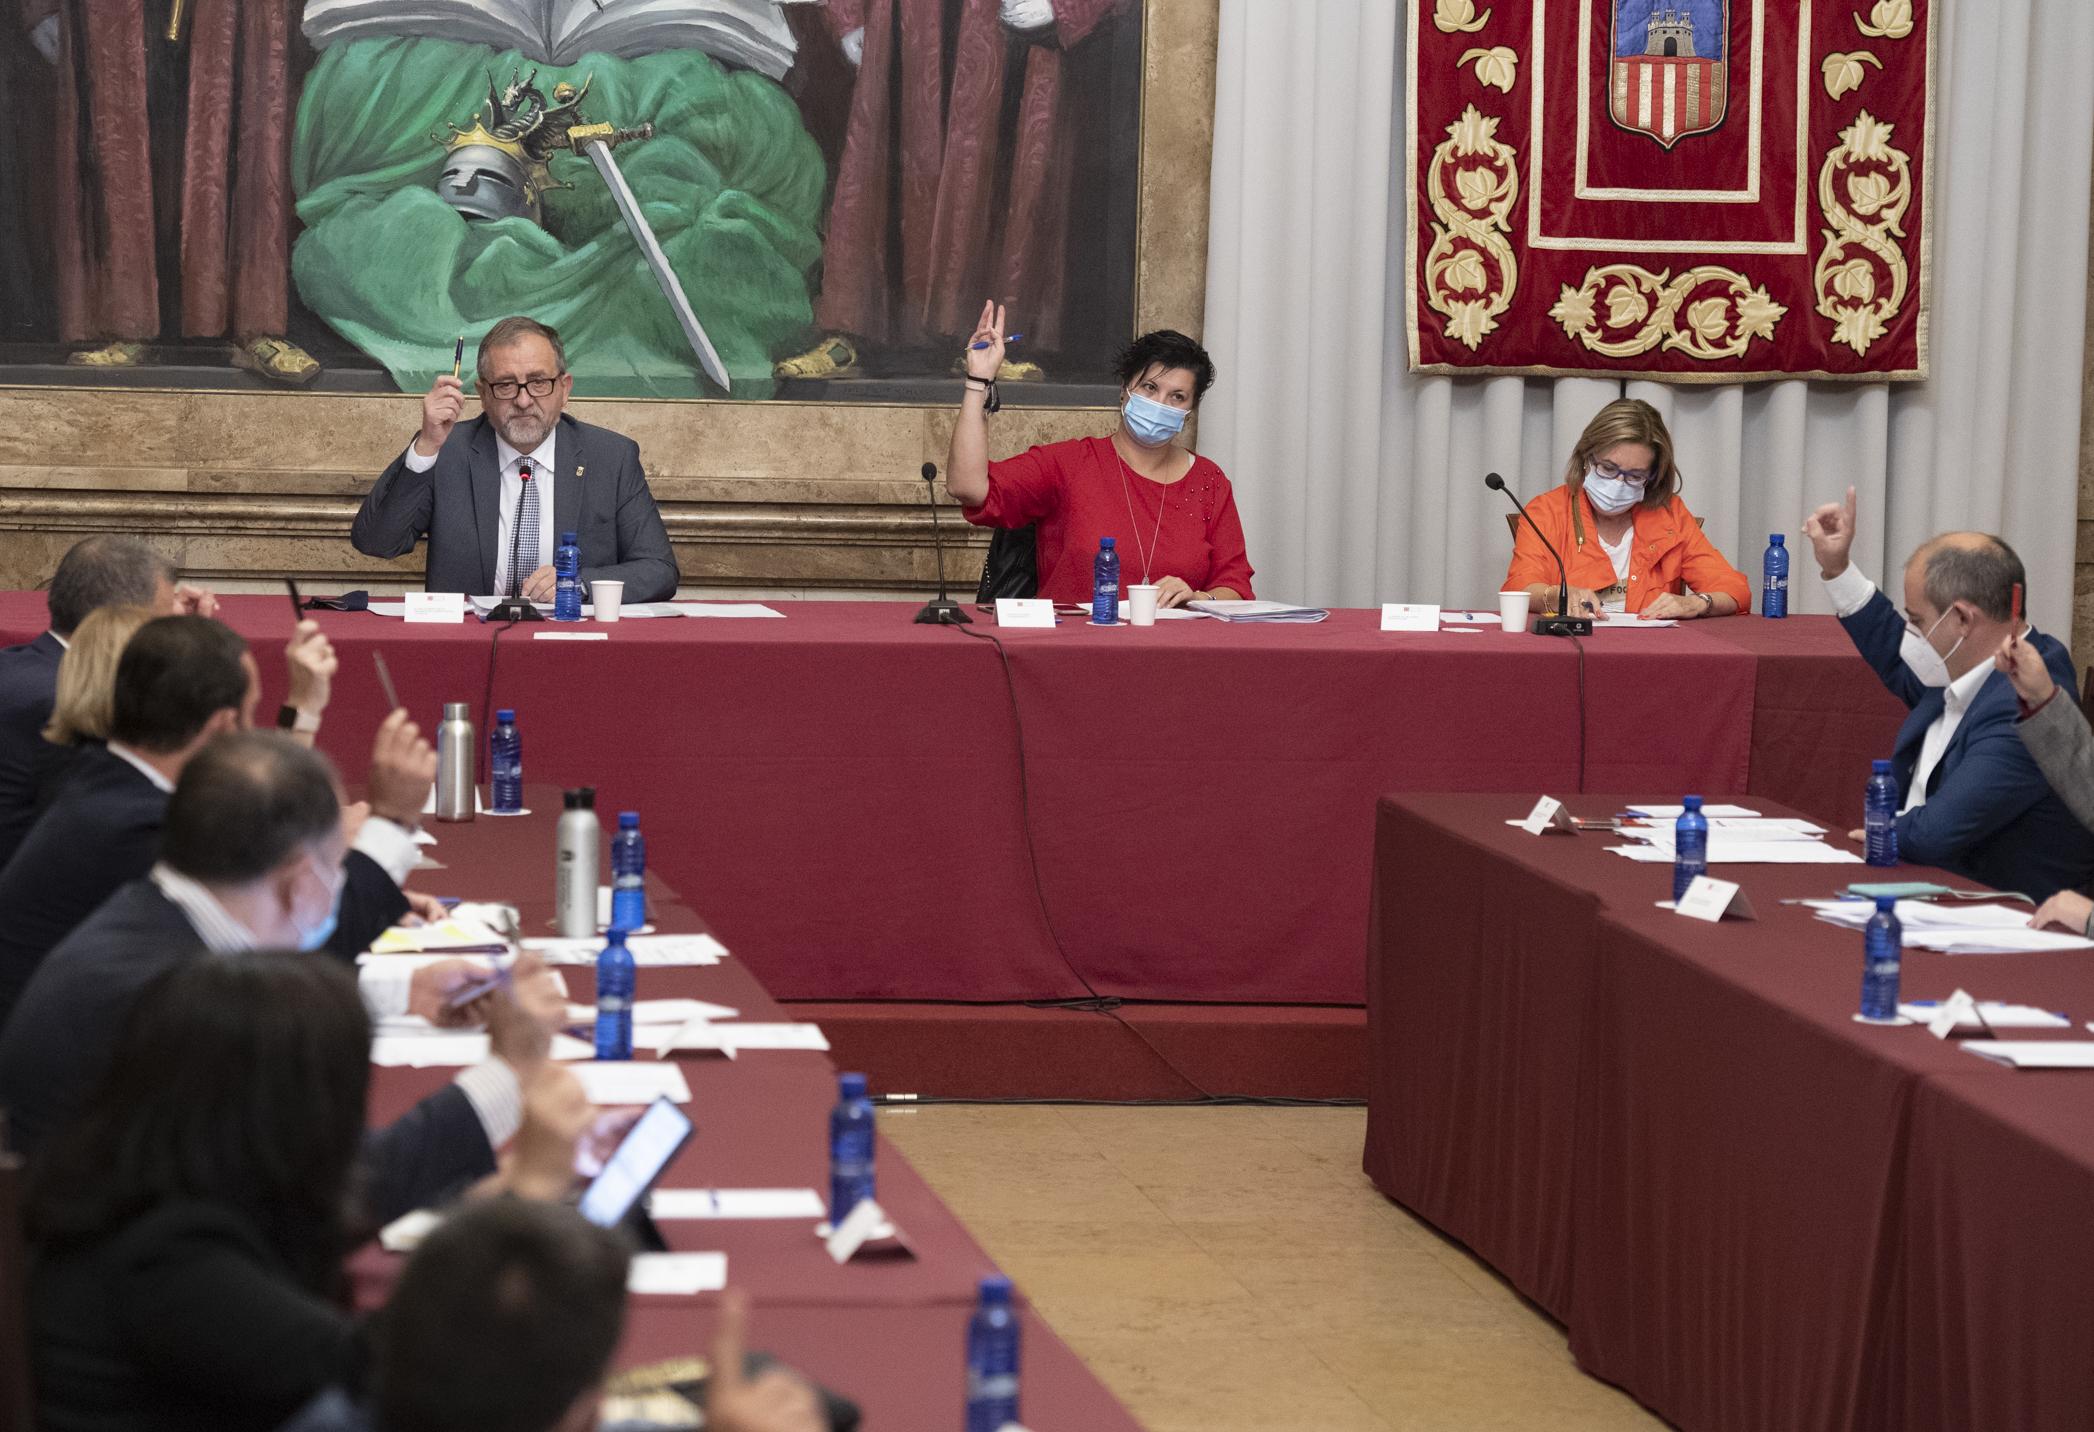 La Diputación refuerza el consenso y el diálogo impulsado por José Martí con la aprobación de cuatro declaraciones institucionales